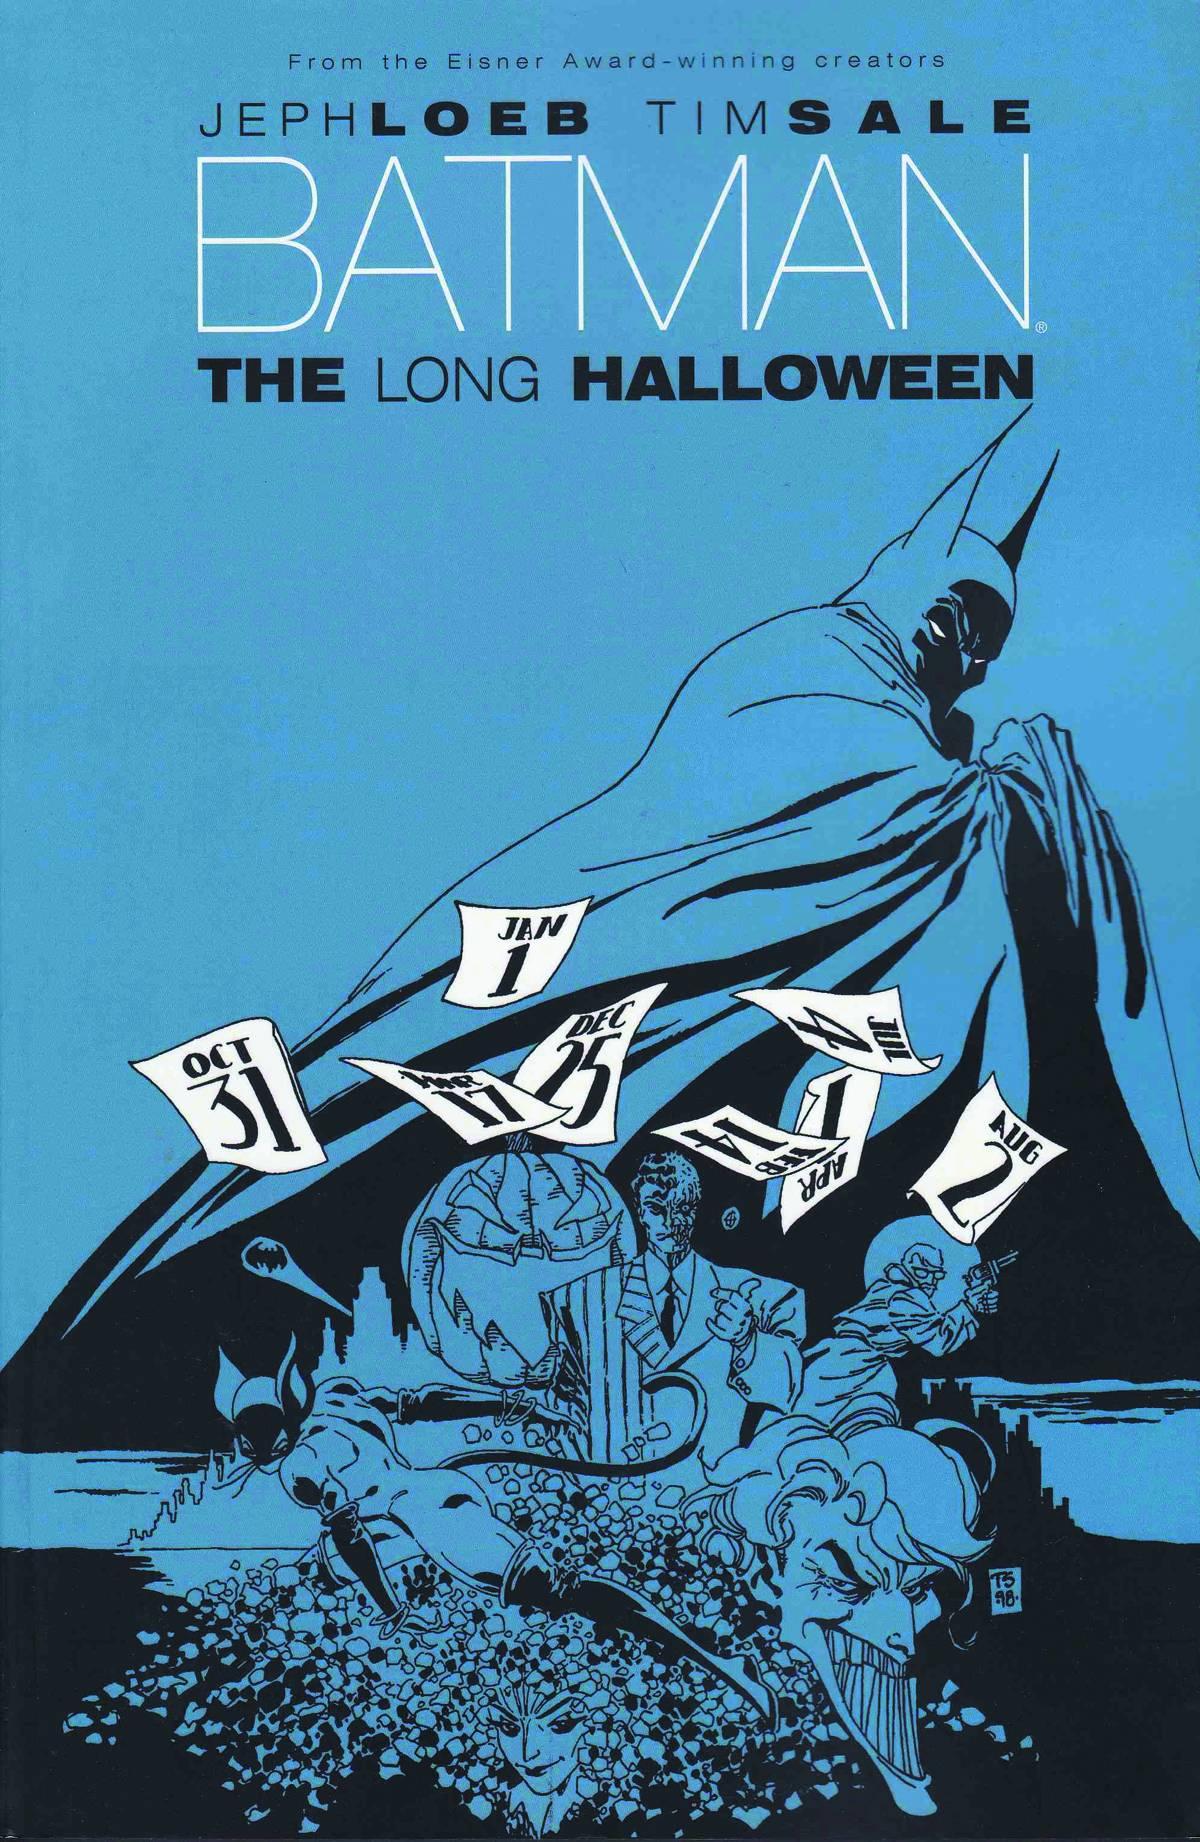 Batman: The Long Halloween Backgrounds, Compatible - PC, Mobile, Gadgets  1200x1842 px